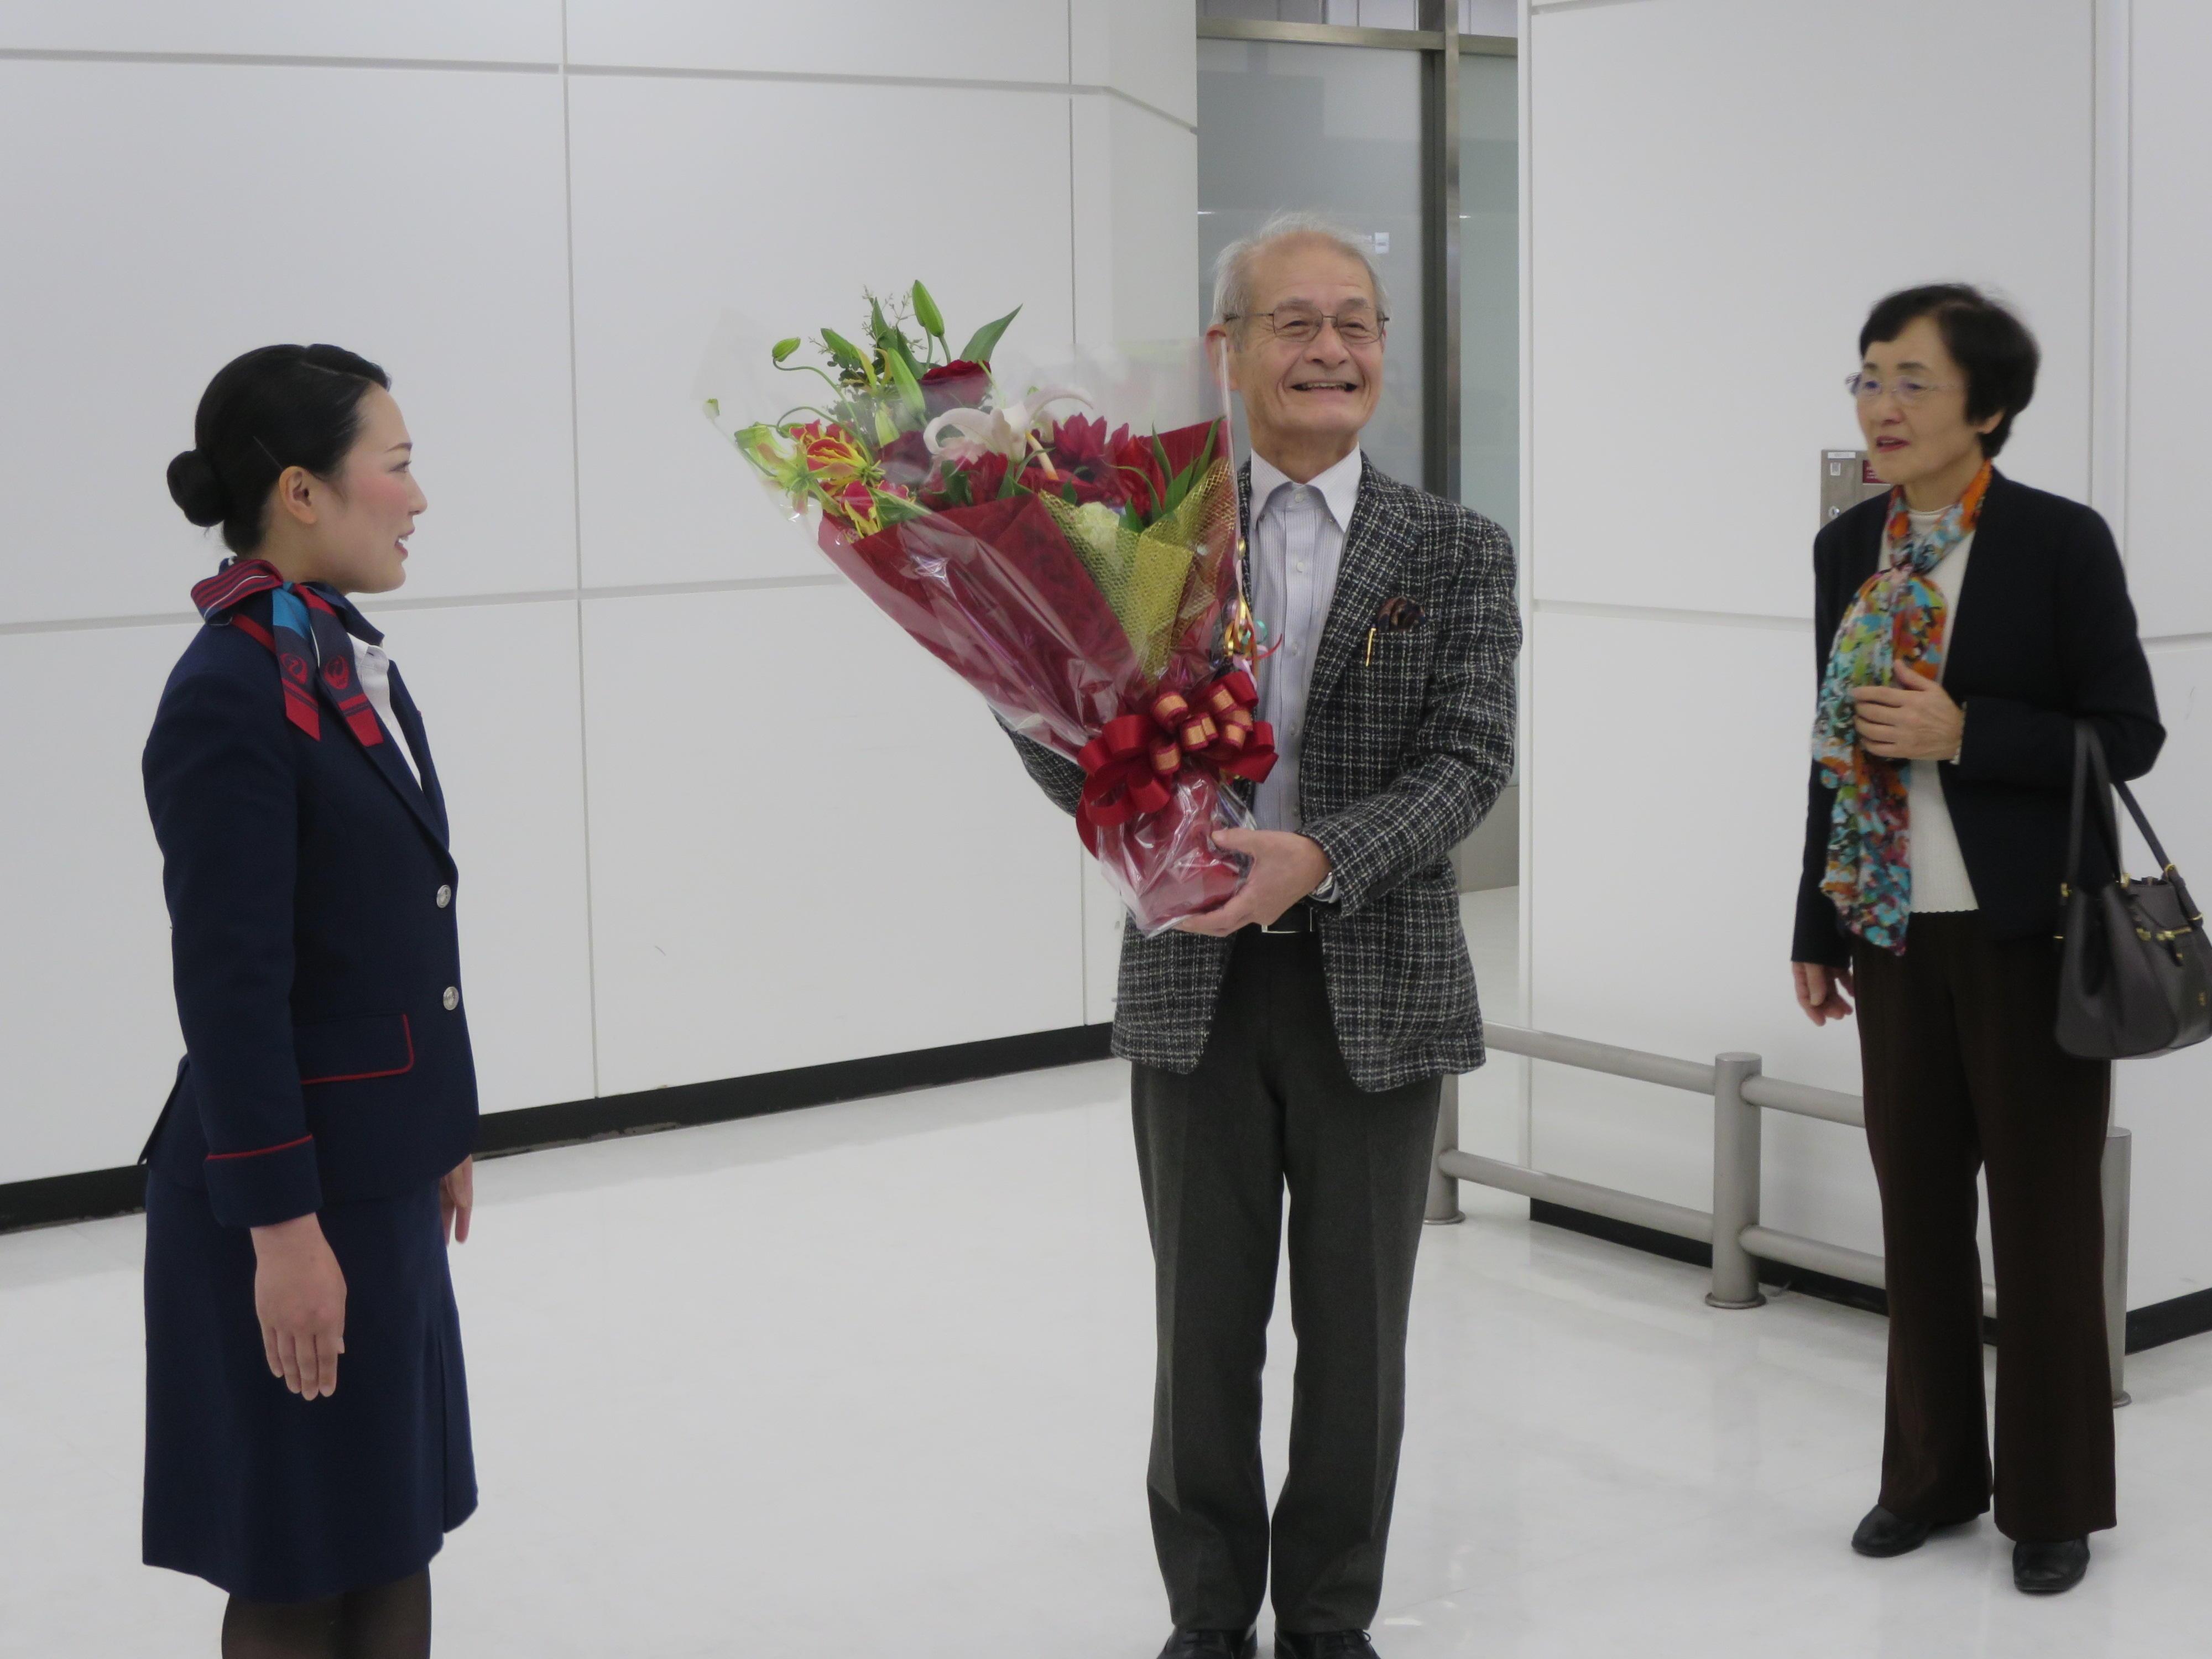 成田空港で花束贈呈を受けた吉野教授